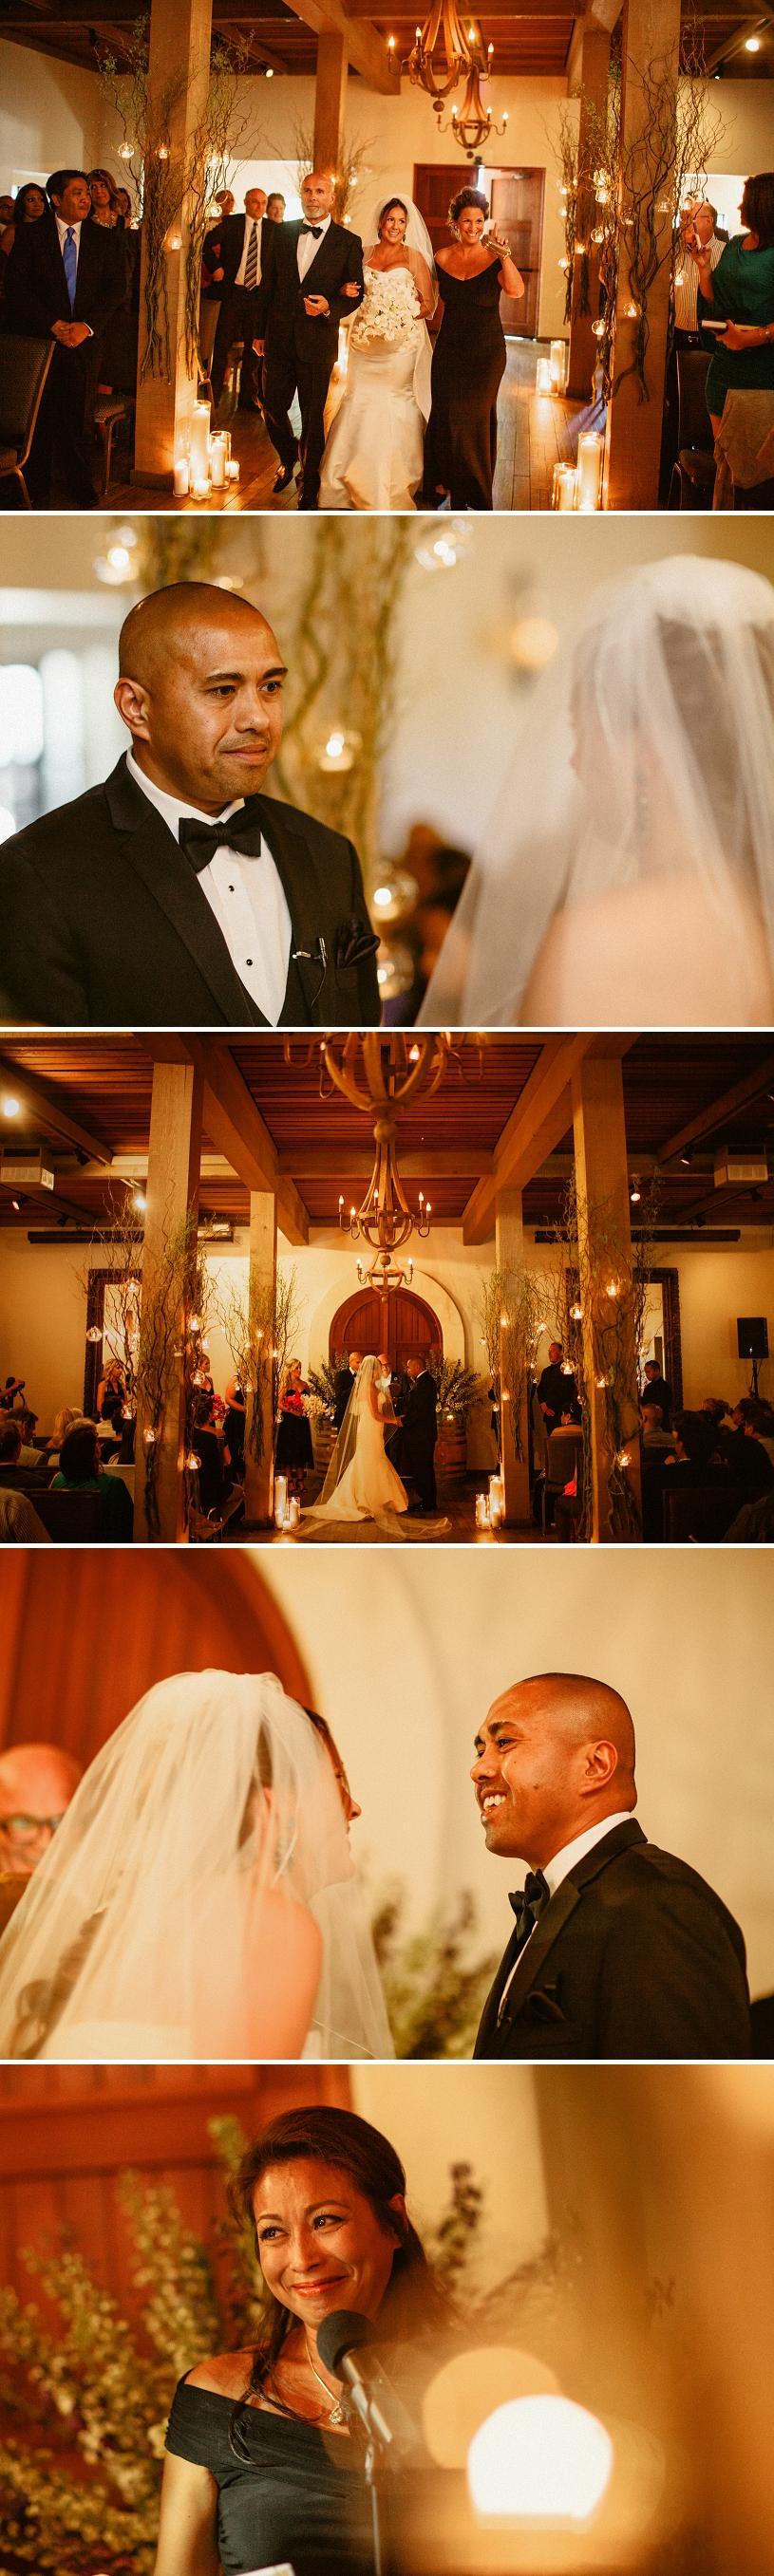 candlelit wedding ceremony at wente vineyards